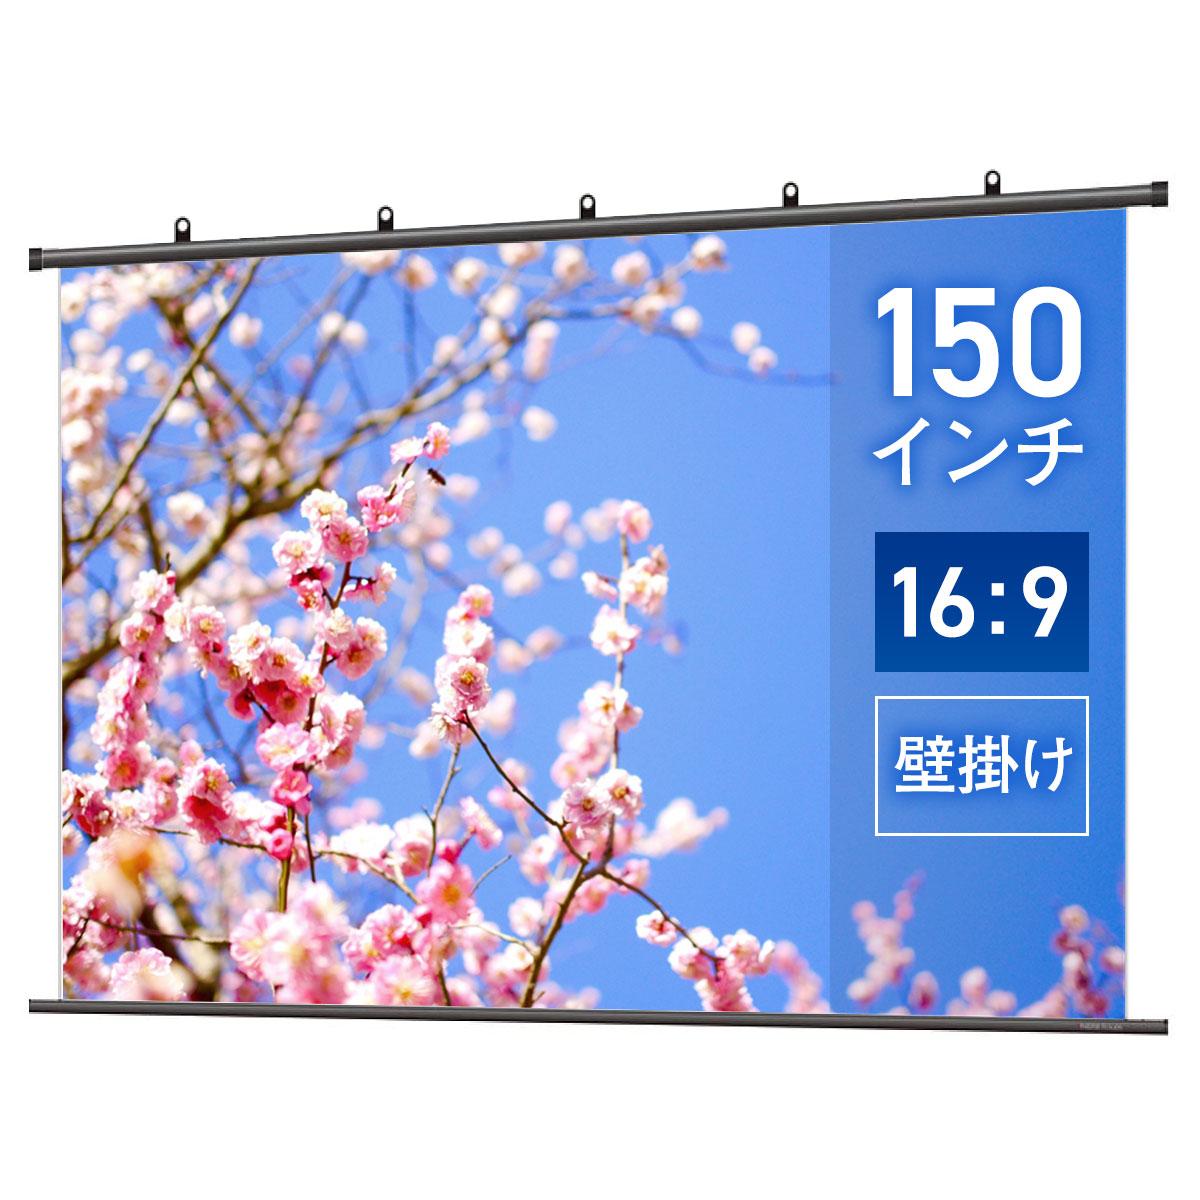 シアターハウス プロジェクタースクリーン 150インチ ワイド(16:9) タペストリー(掛け軸)タイプ BTP3330WSD